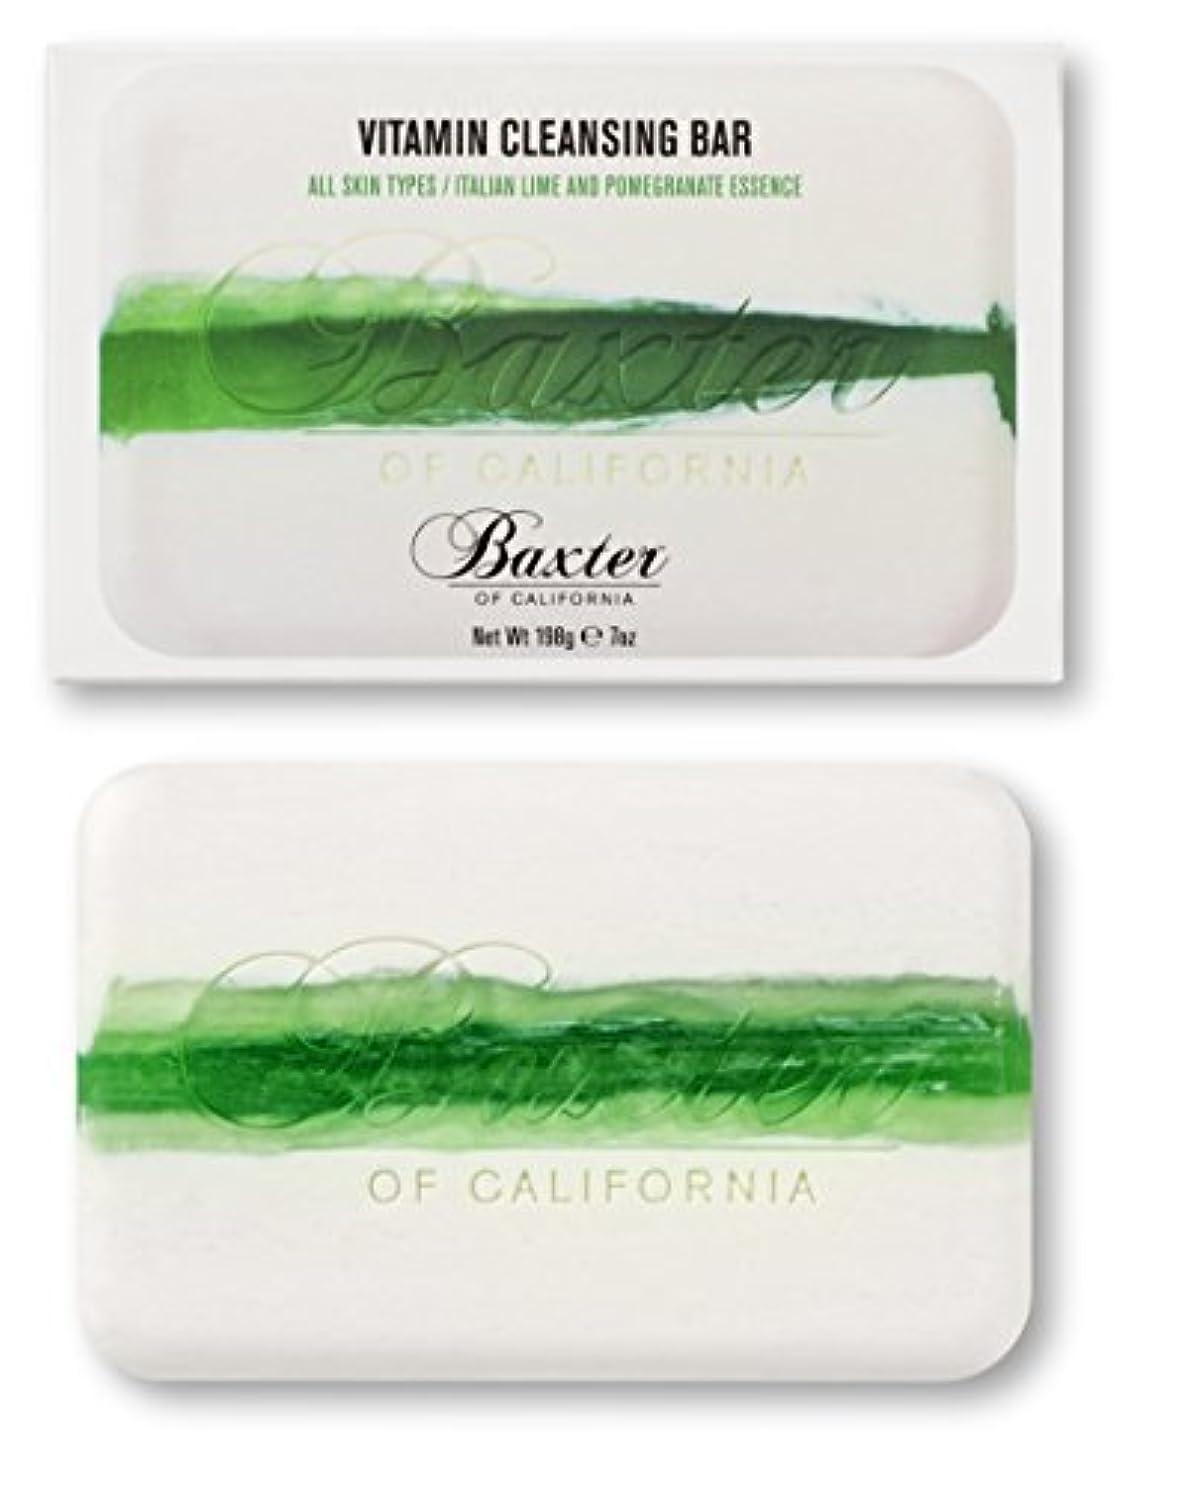 昼寝シルク窒息させるBaxter OF CALIFORNIA(バクスター オブ カリフォルニア) ビタミンクレンジングバー イタリアンライム&ポメグラネート 198g